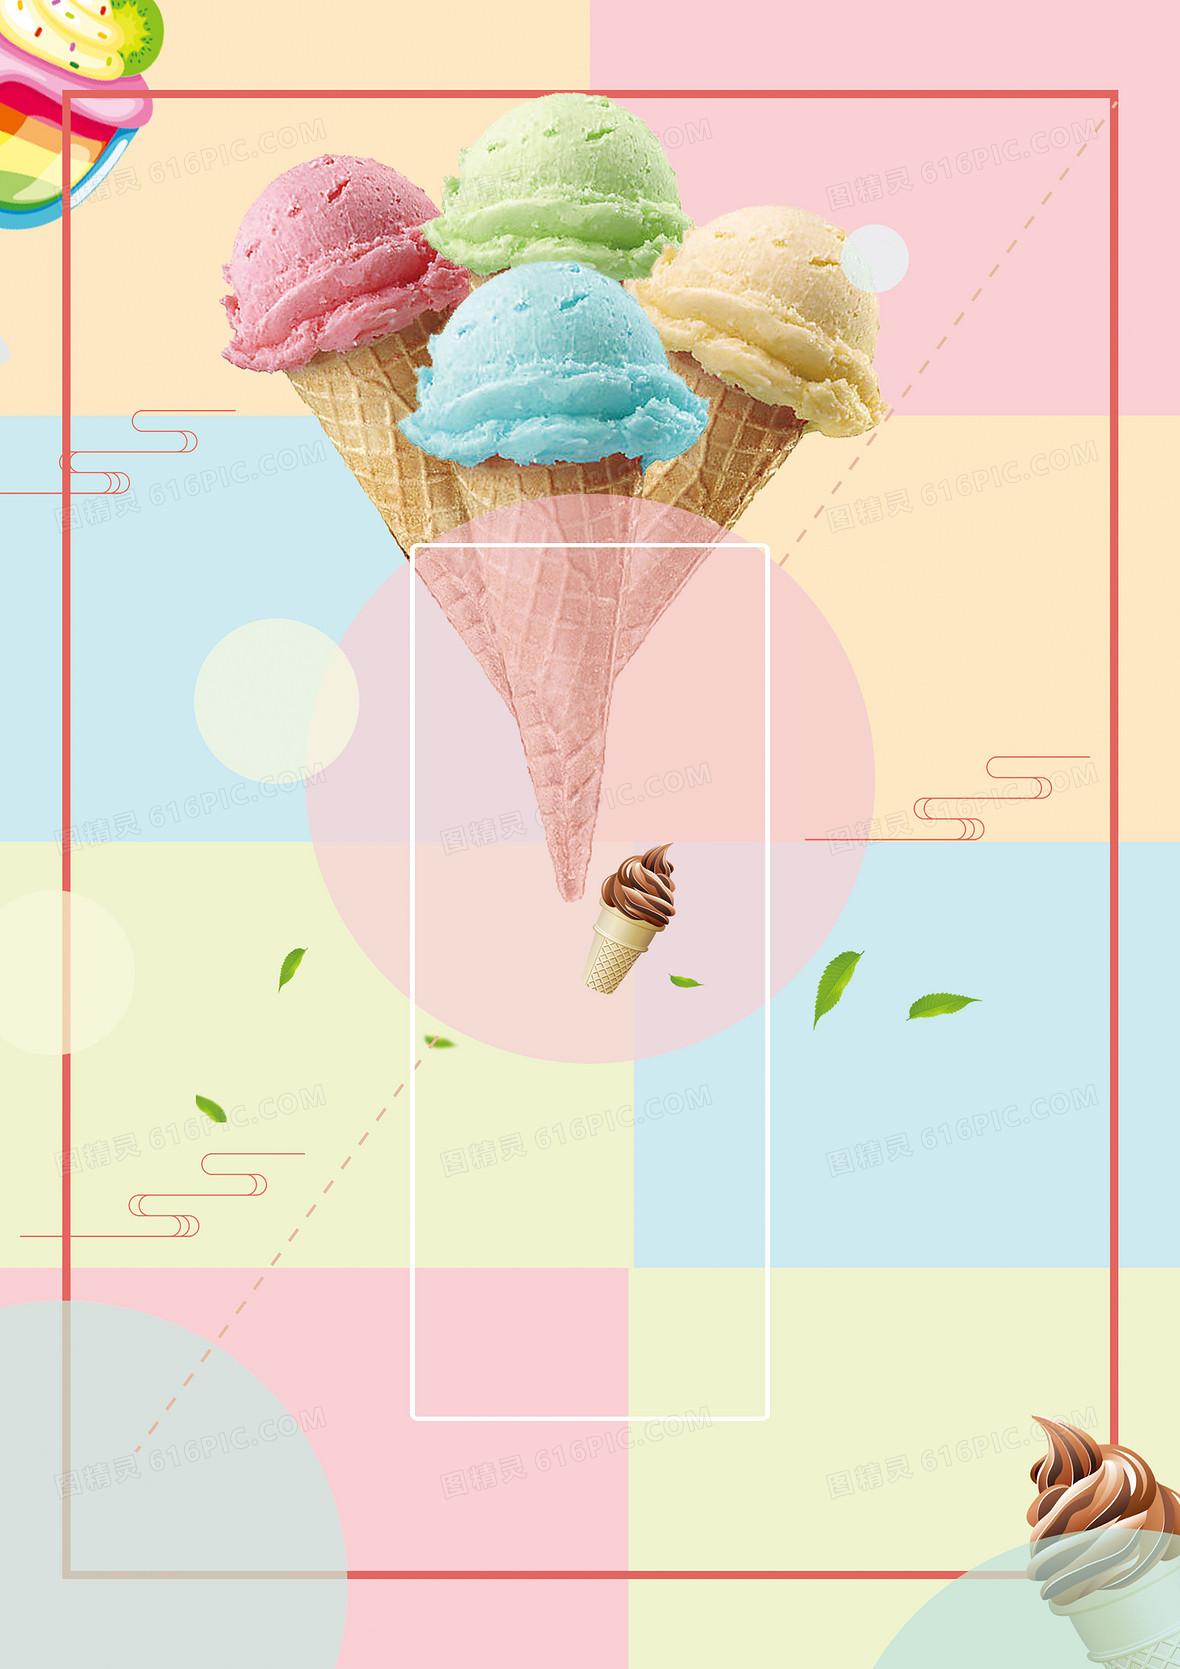 甜美简约冰激凌冷饮海报背景素材